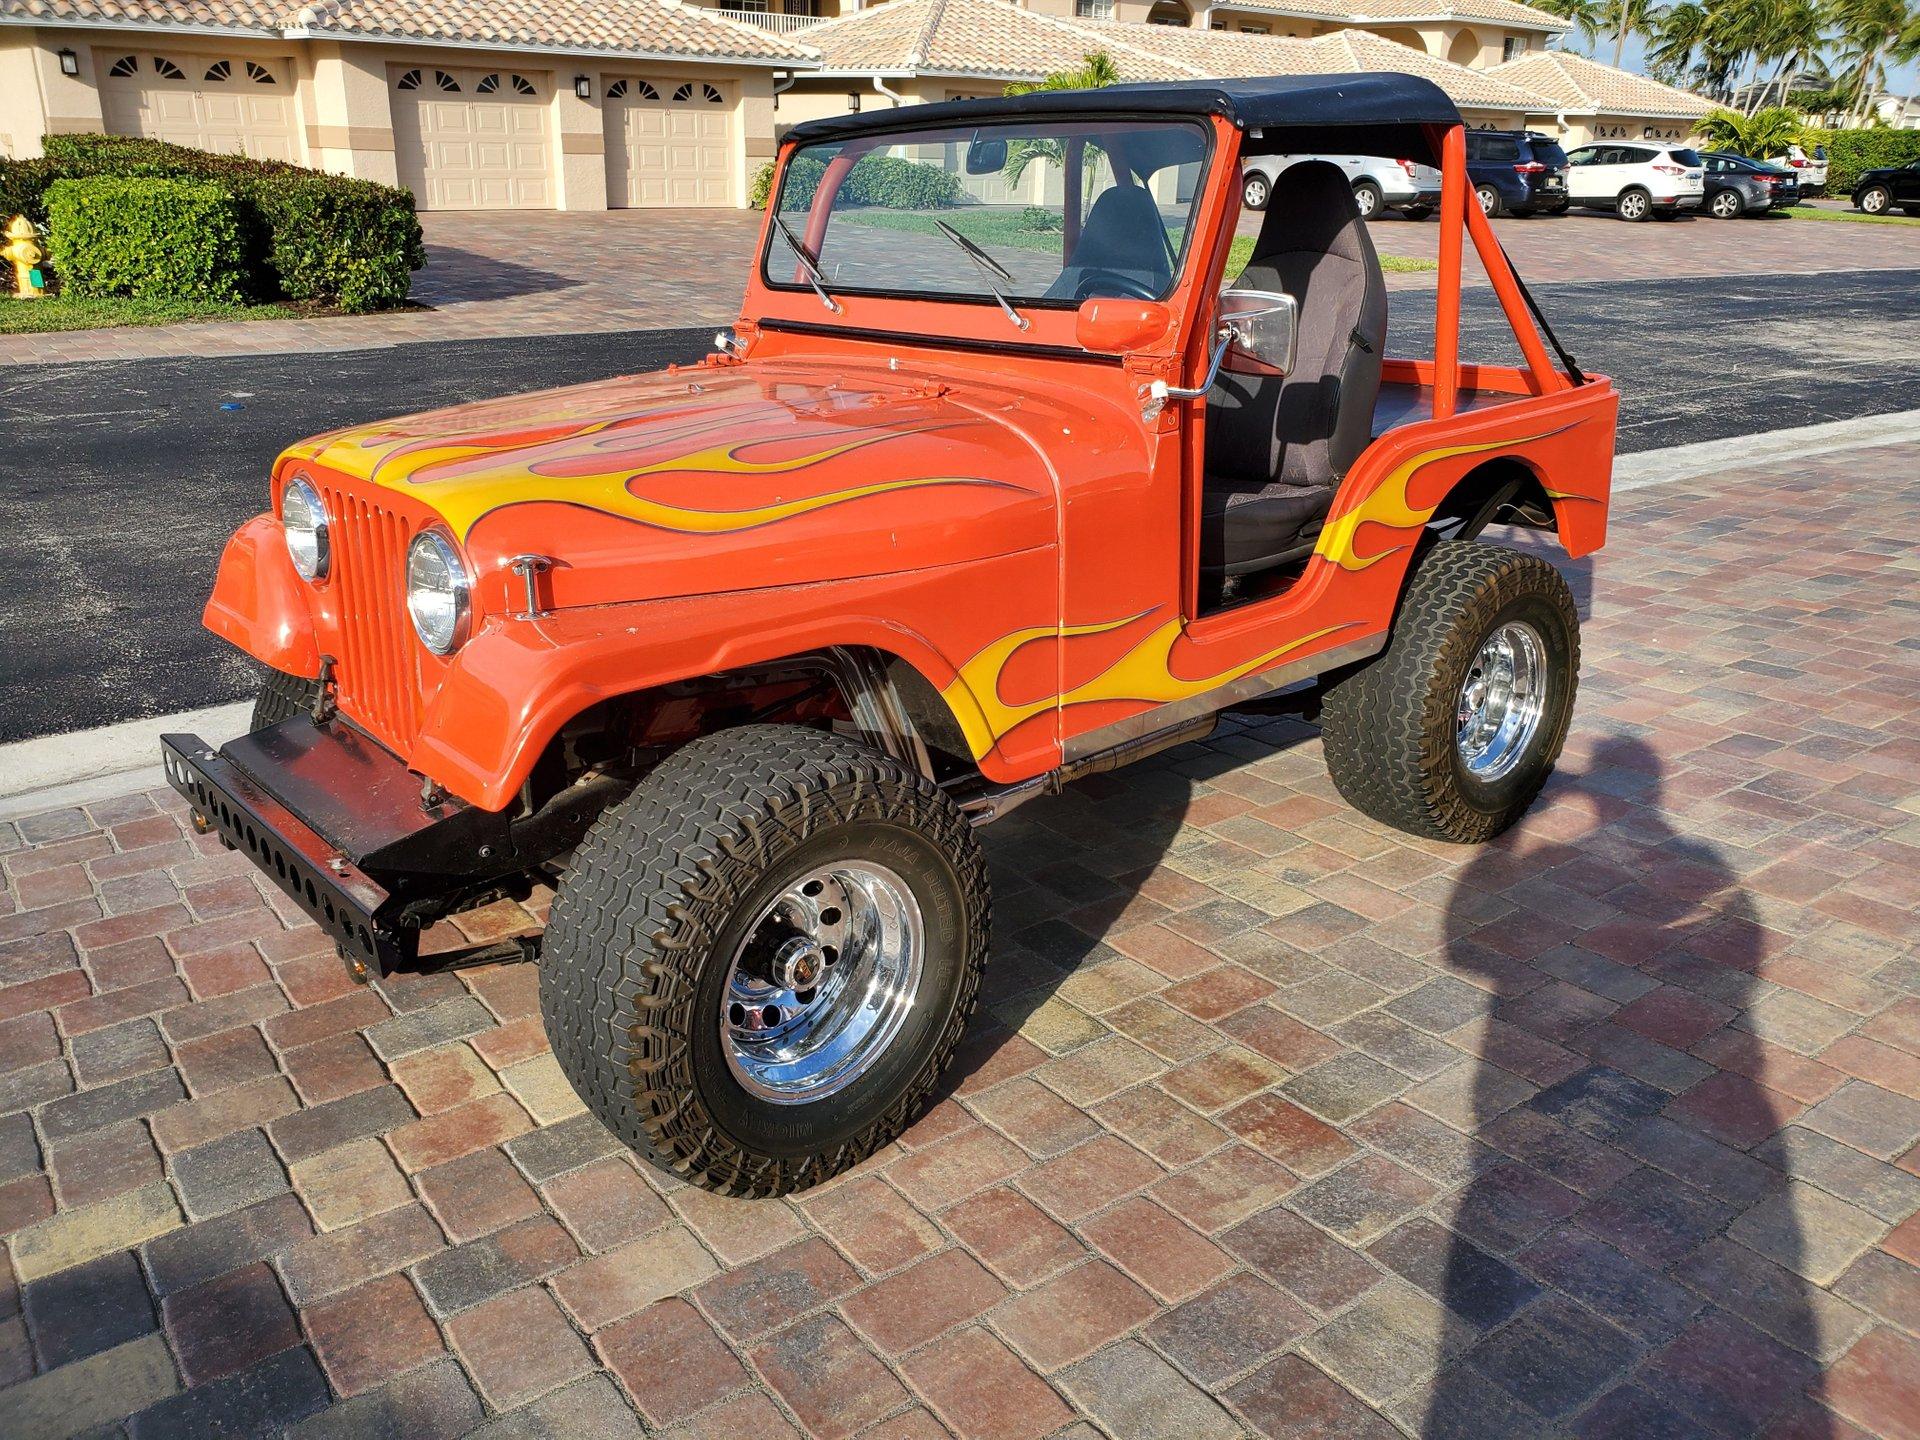 1974 jeep cj 5 4 x 4 sport utility